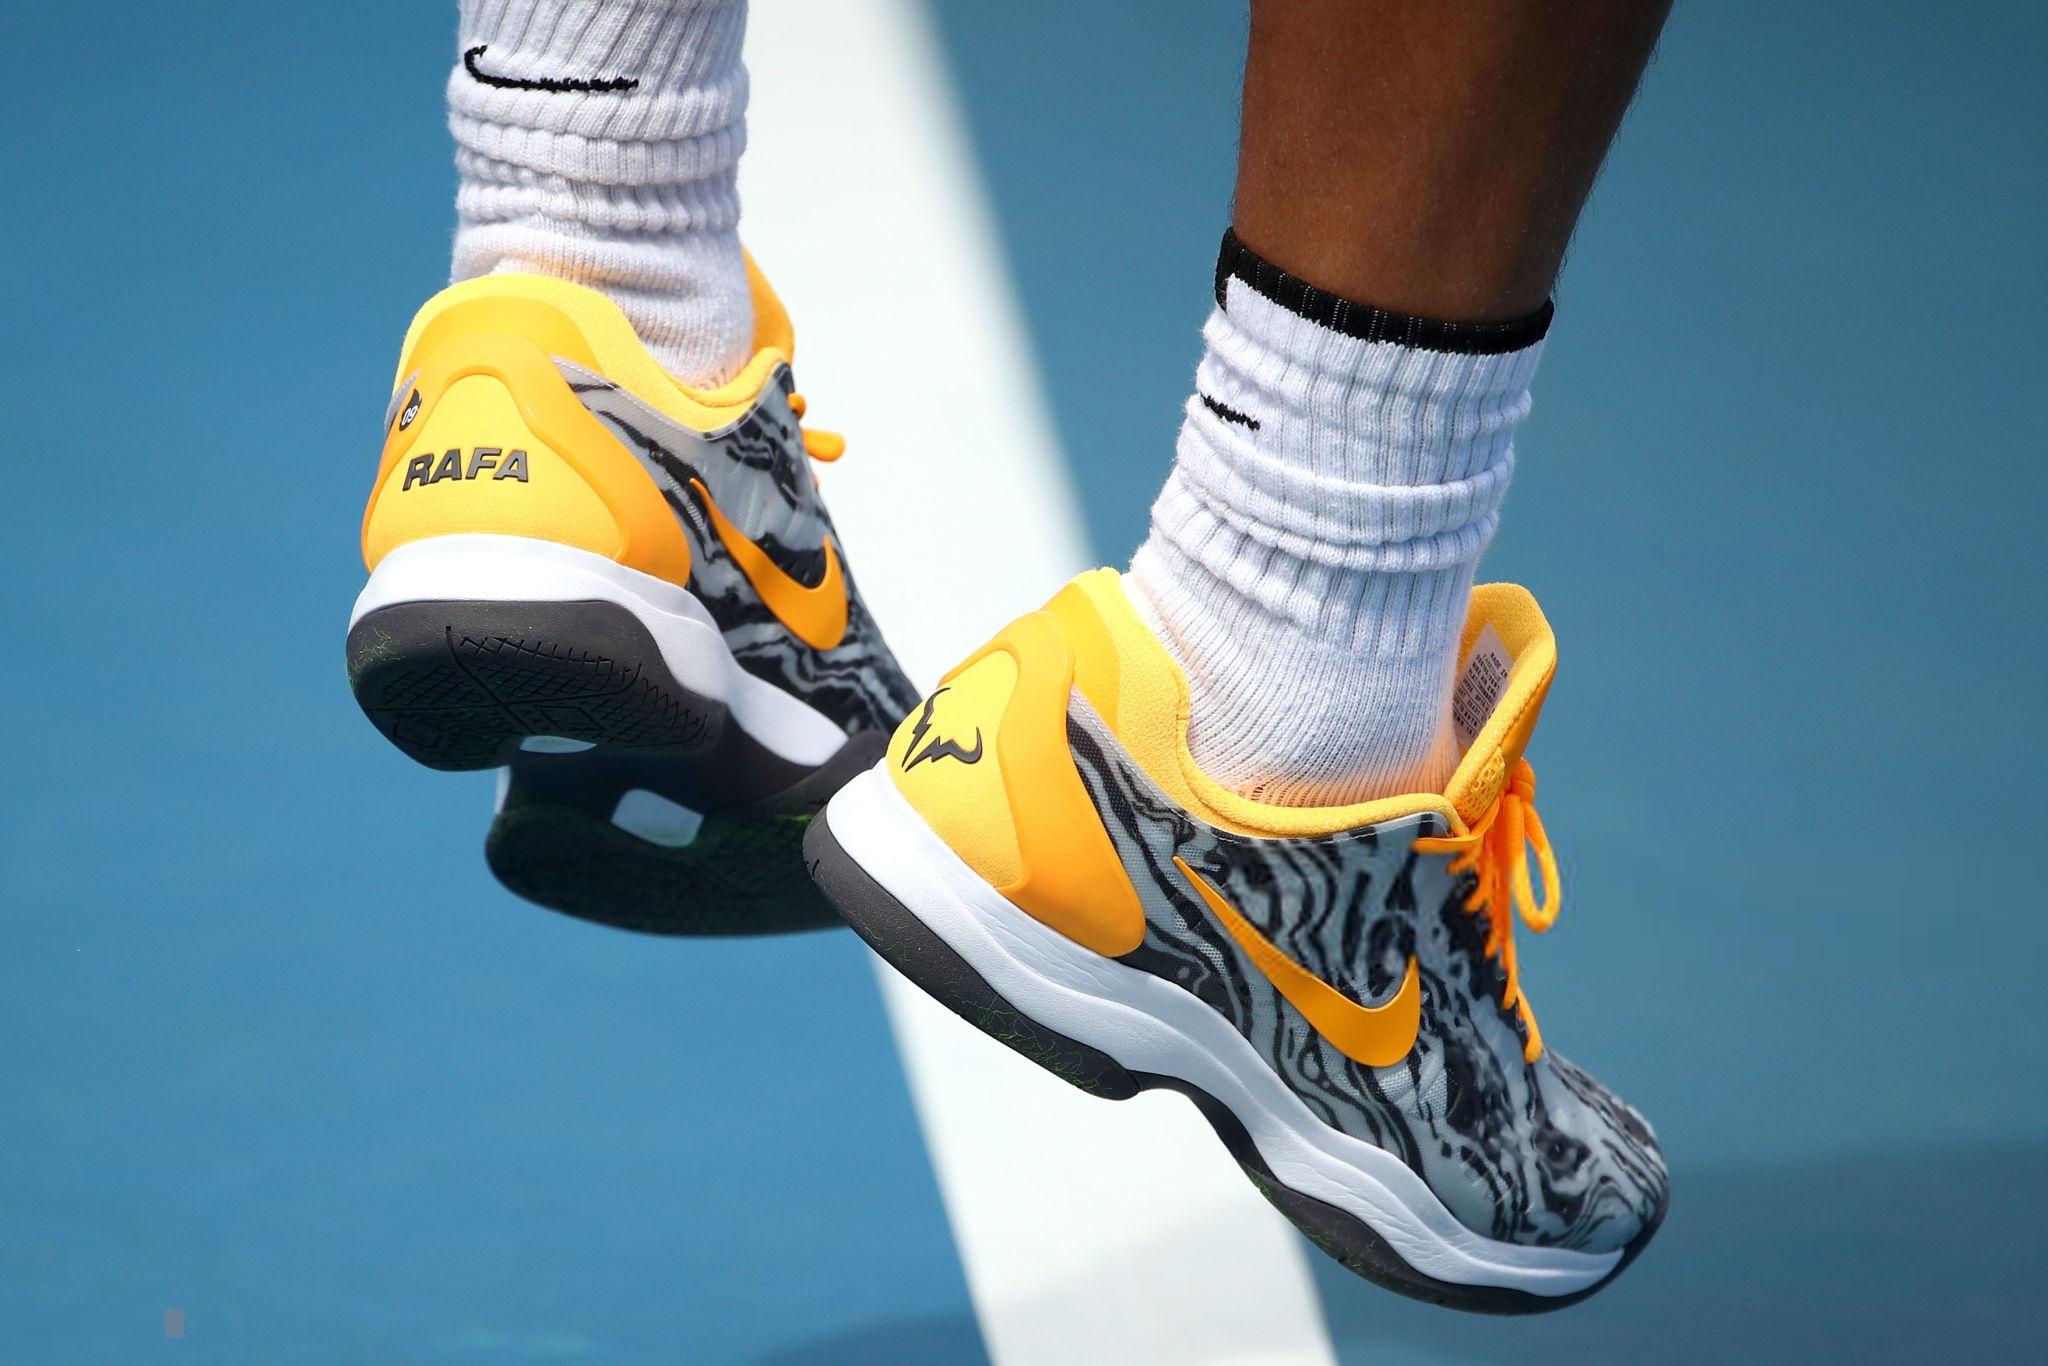 Rafael Nadal Nike Shoes Australian Open 2019 Final 3 Rafael Nadal Fans